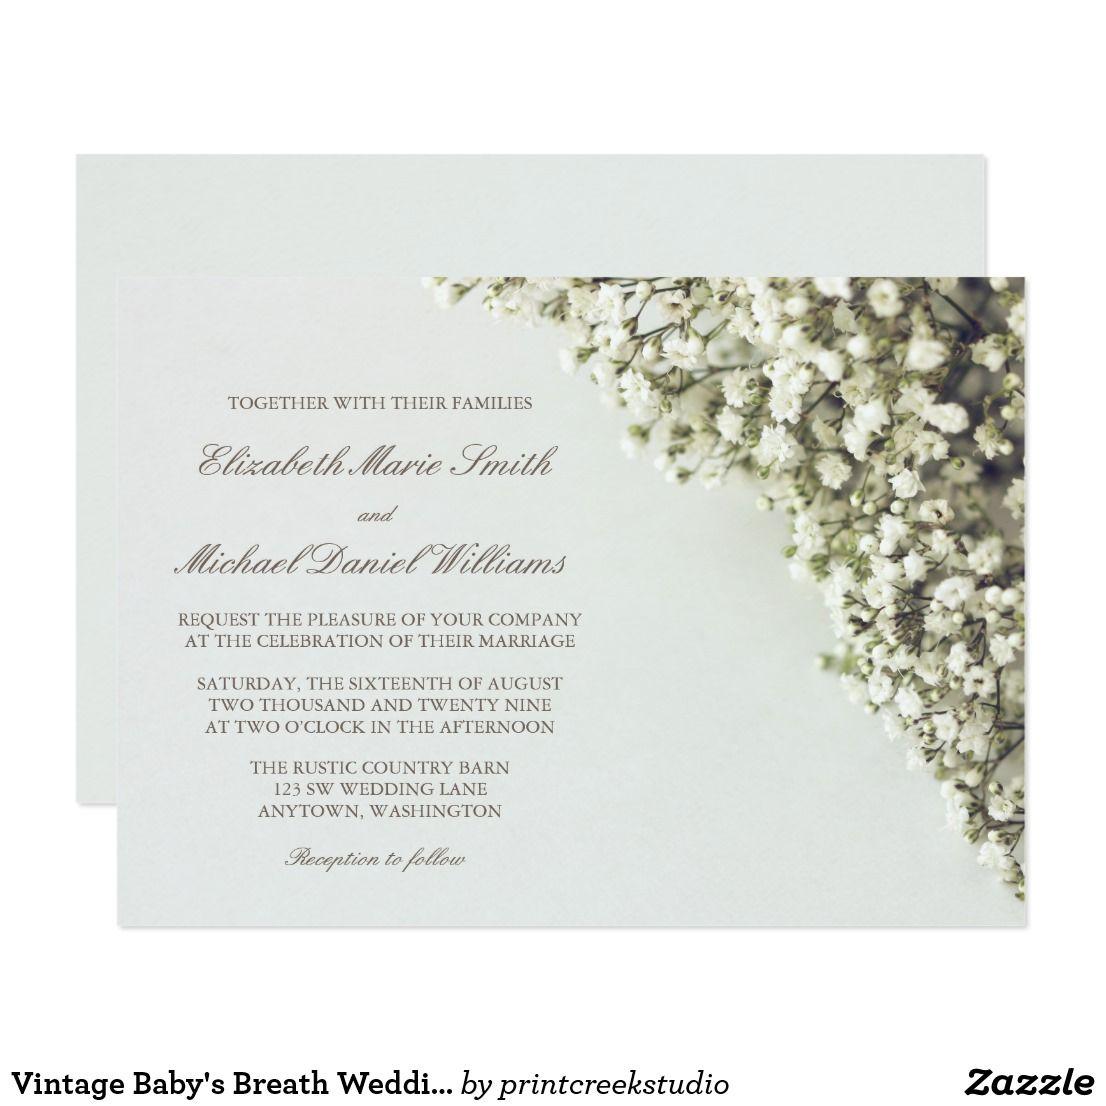 Vintage Baby S Breath Wedding Invitations Zazzle Com In 2020 Babys Breath Wedding Vintage Wedding Invitations Wedding Invitations